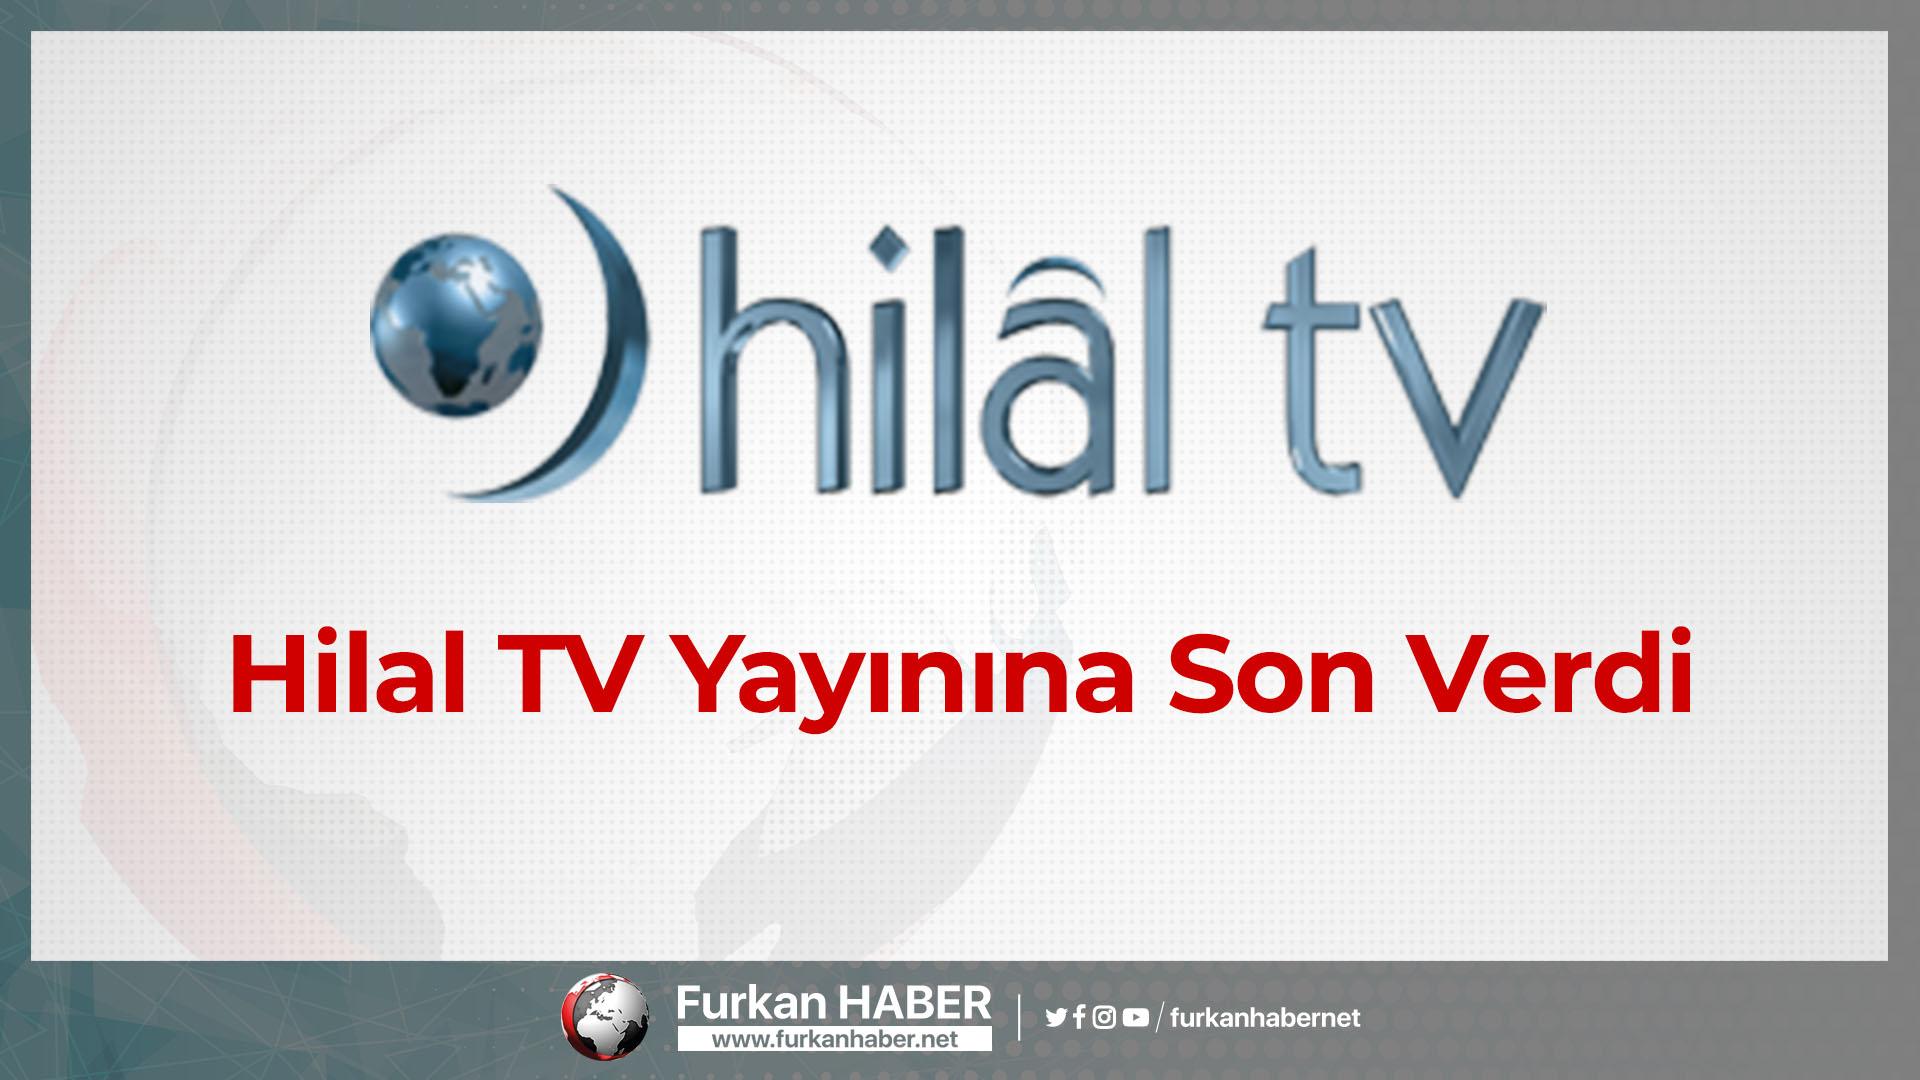 Hilal TV Yayınına Son Verdi